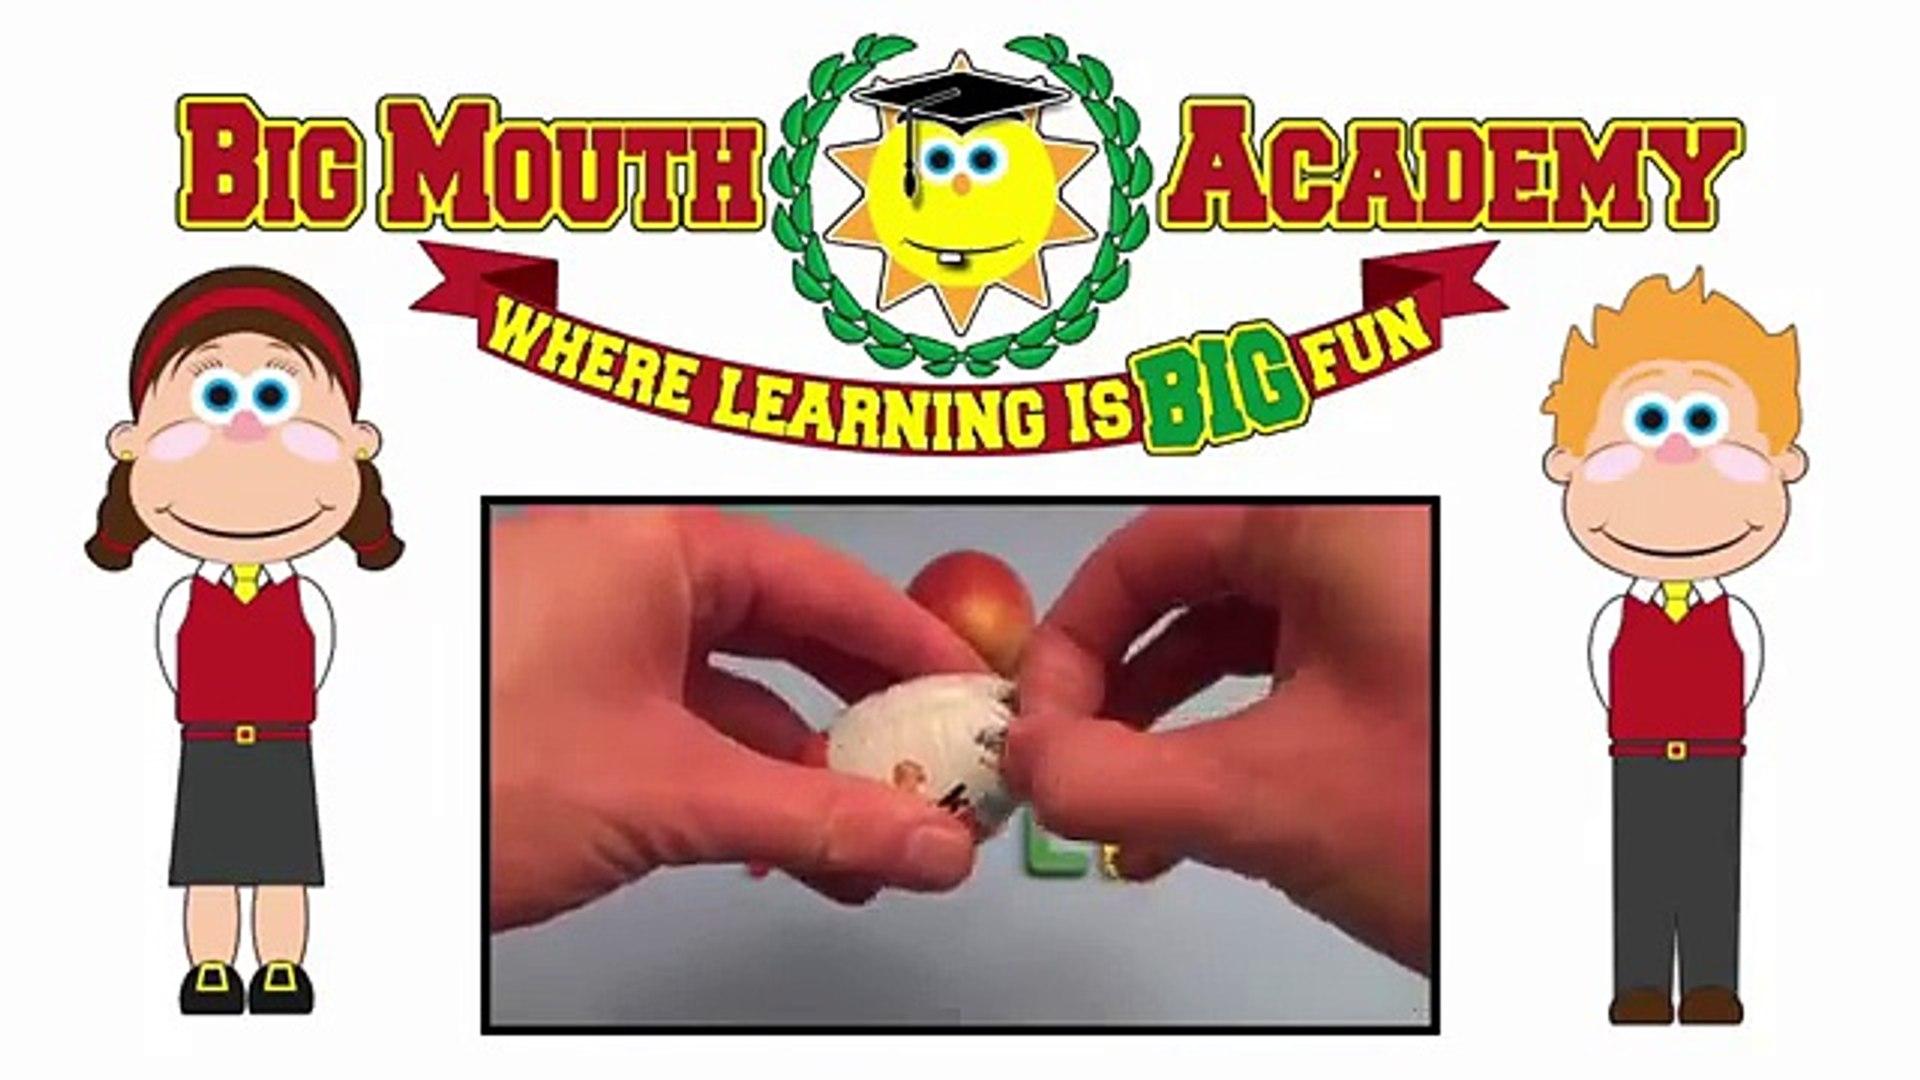 Мстители б б б б б яйцо Learn-A-слово Урок диво Написание Начало сюрприз с слова 5